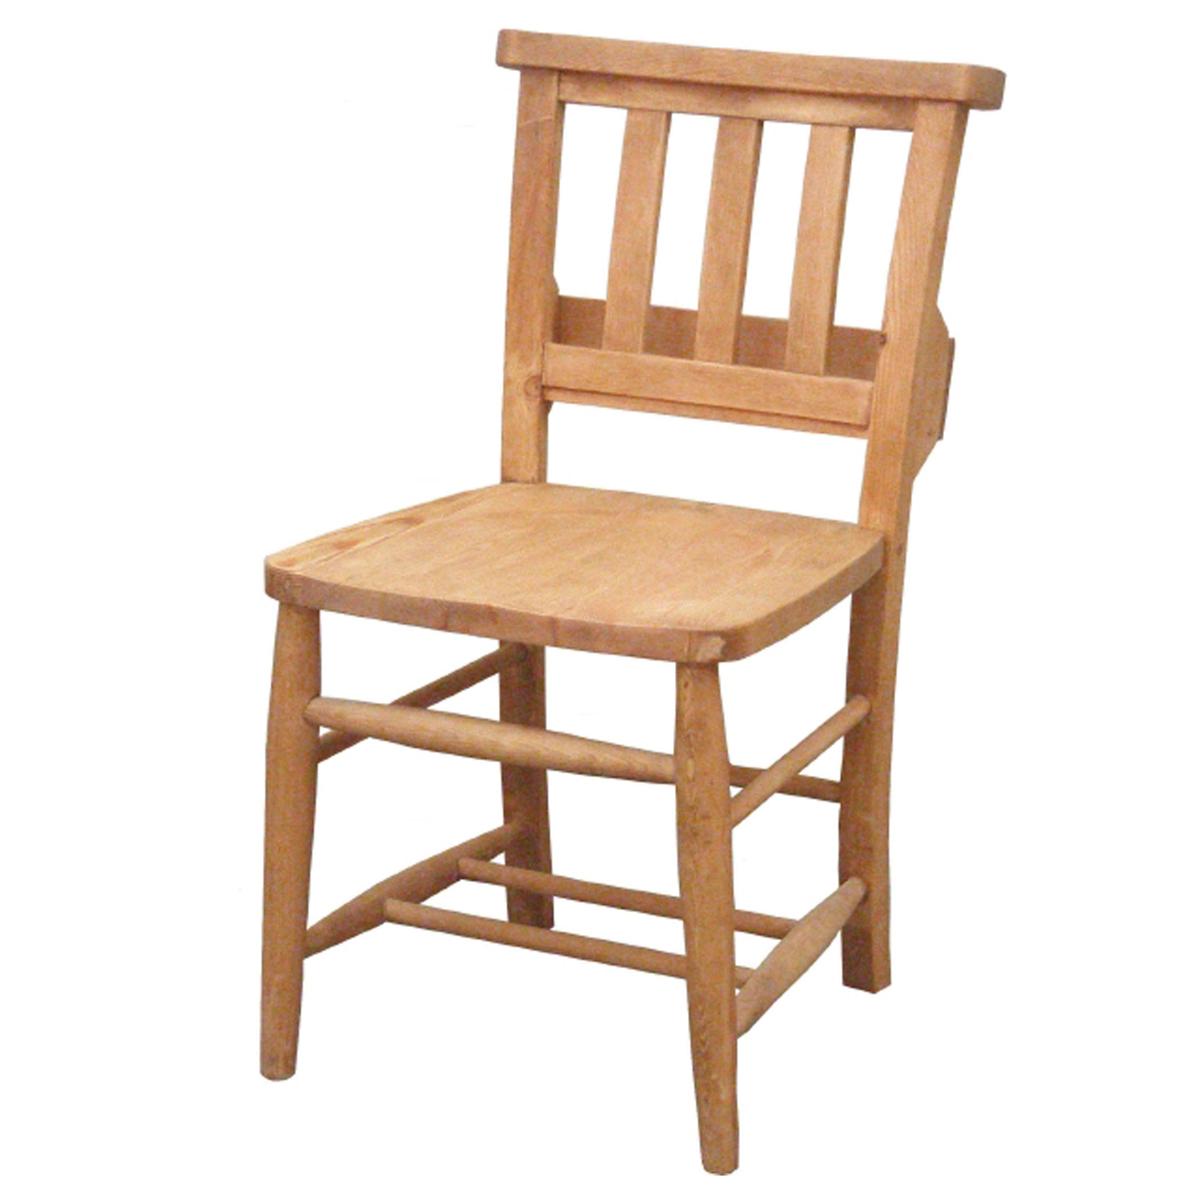 カントリー家具 ナチュラルカントリー【Pine Furniture】パインファニチャー チャーチチェア A002 食卓椅子 イス オスモカラー オイル塗装 パイン材無垢